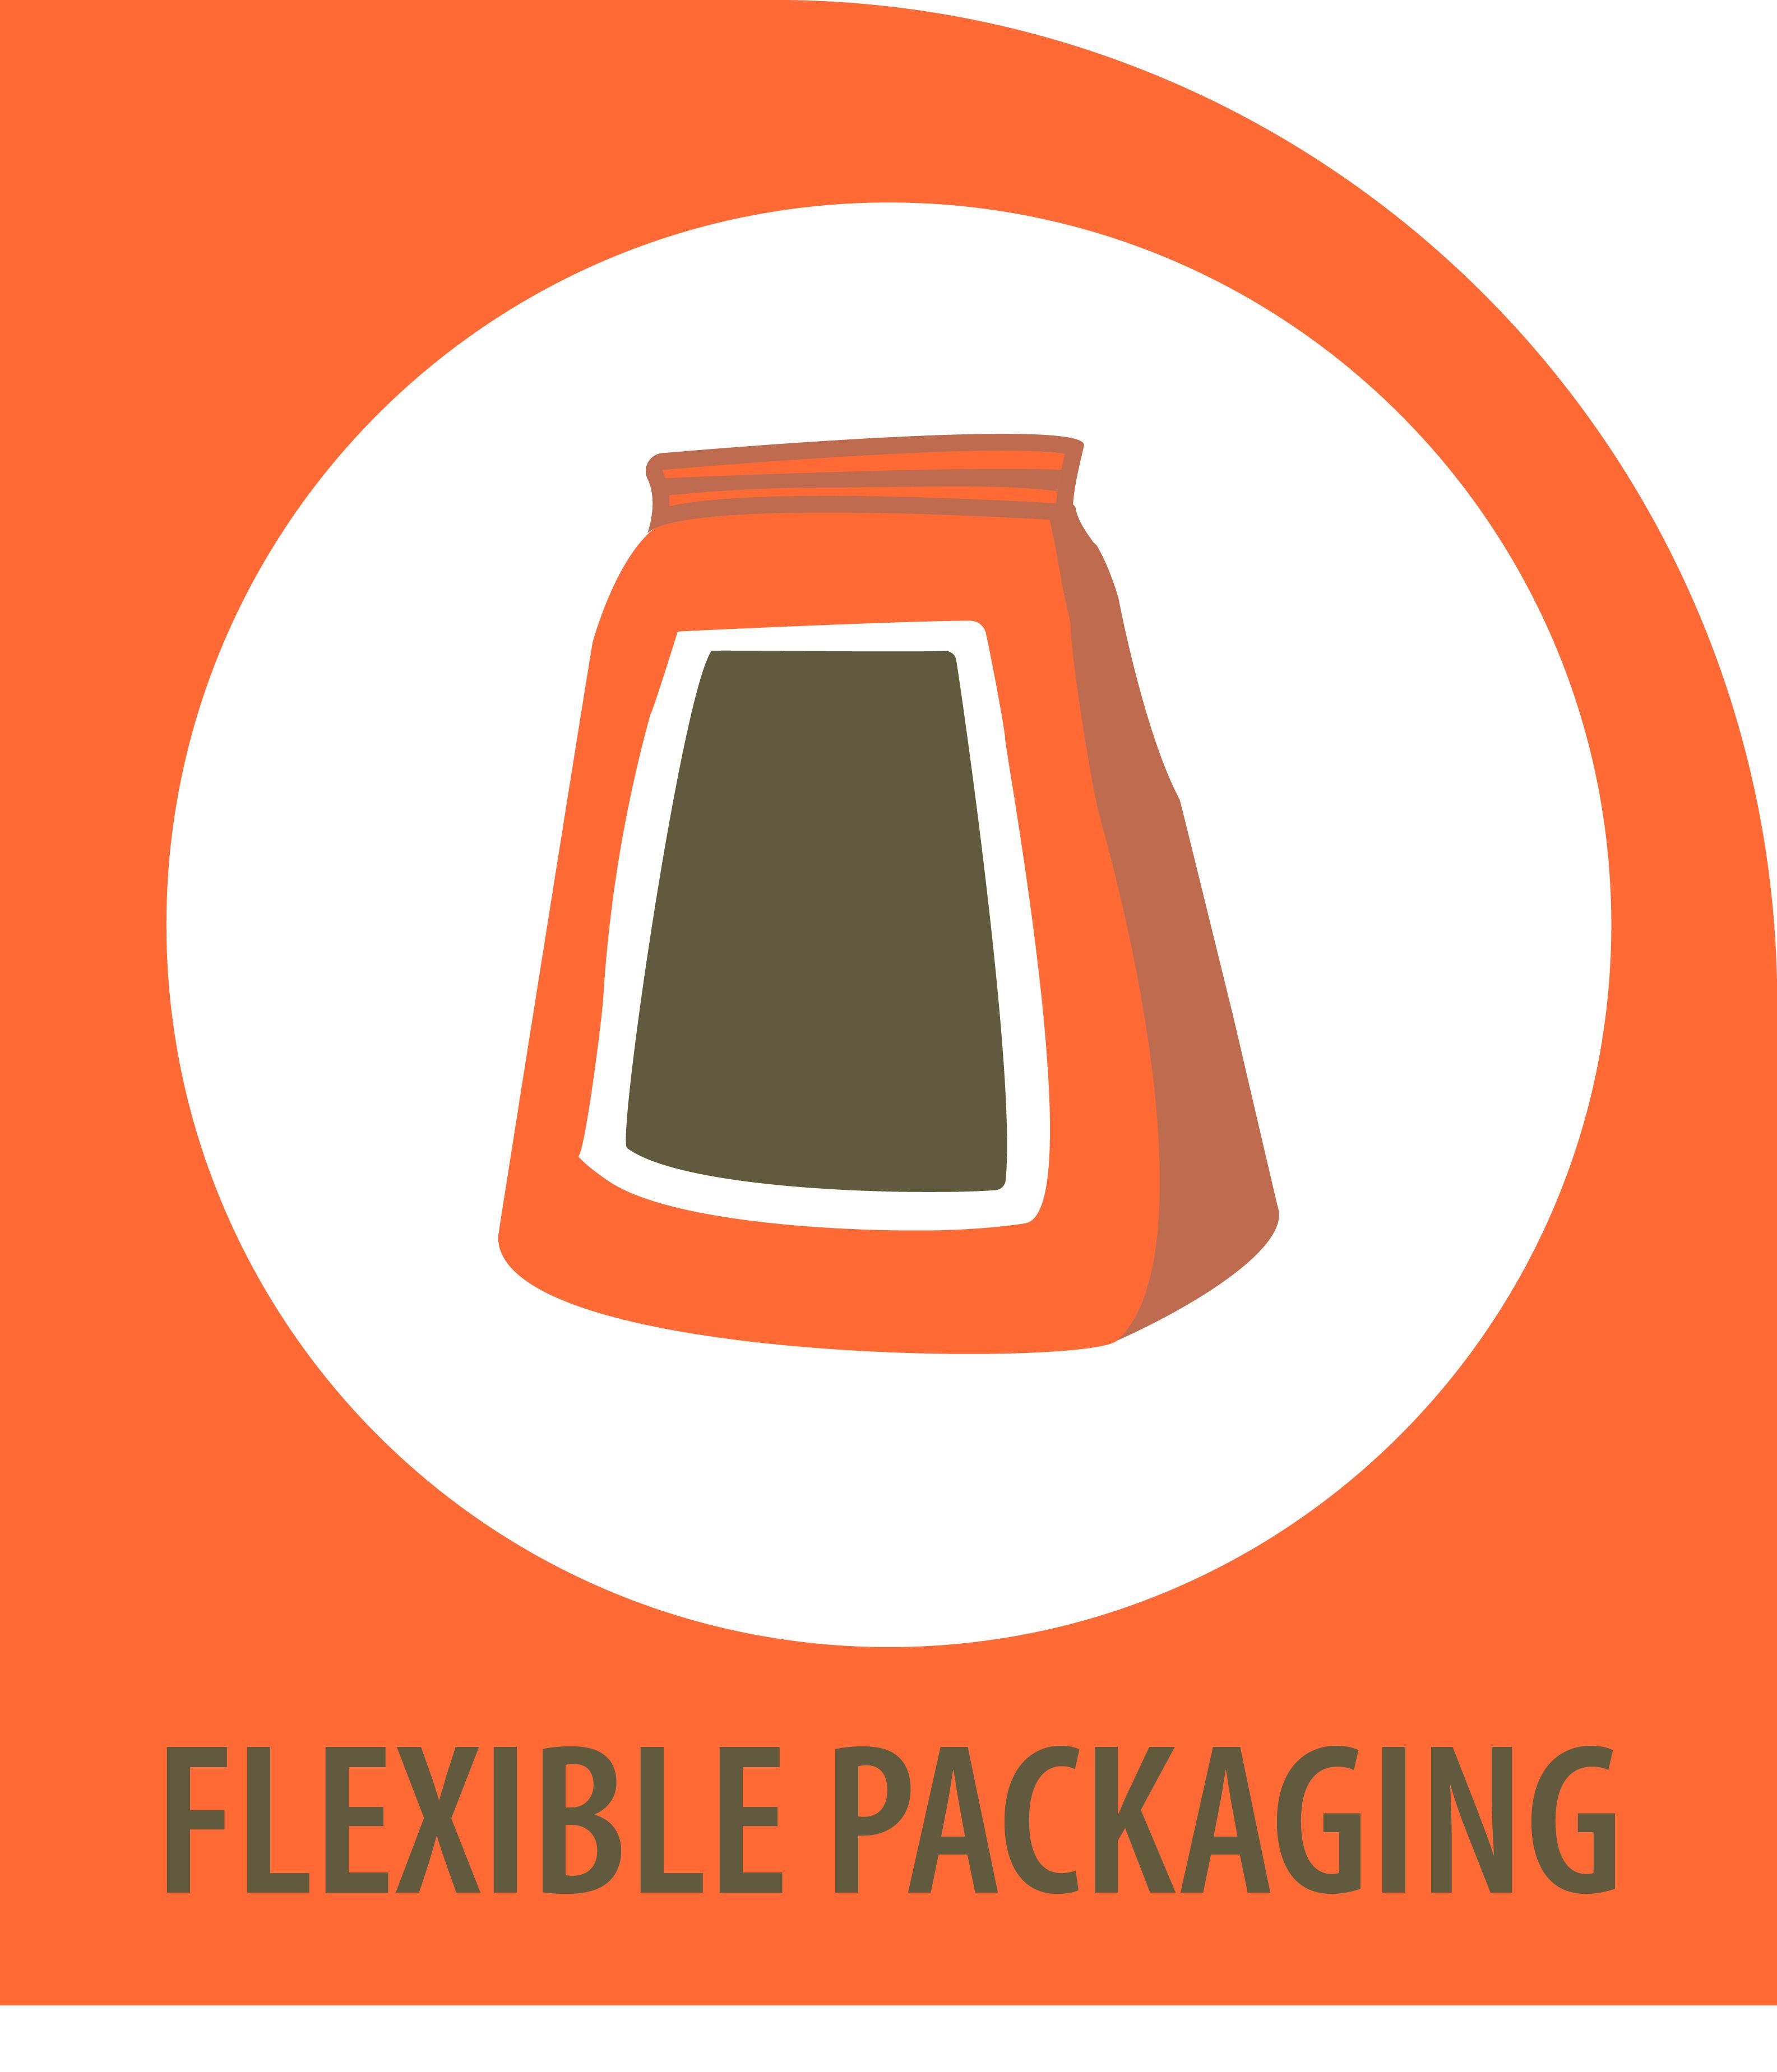 flexpack.jpg